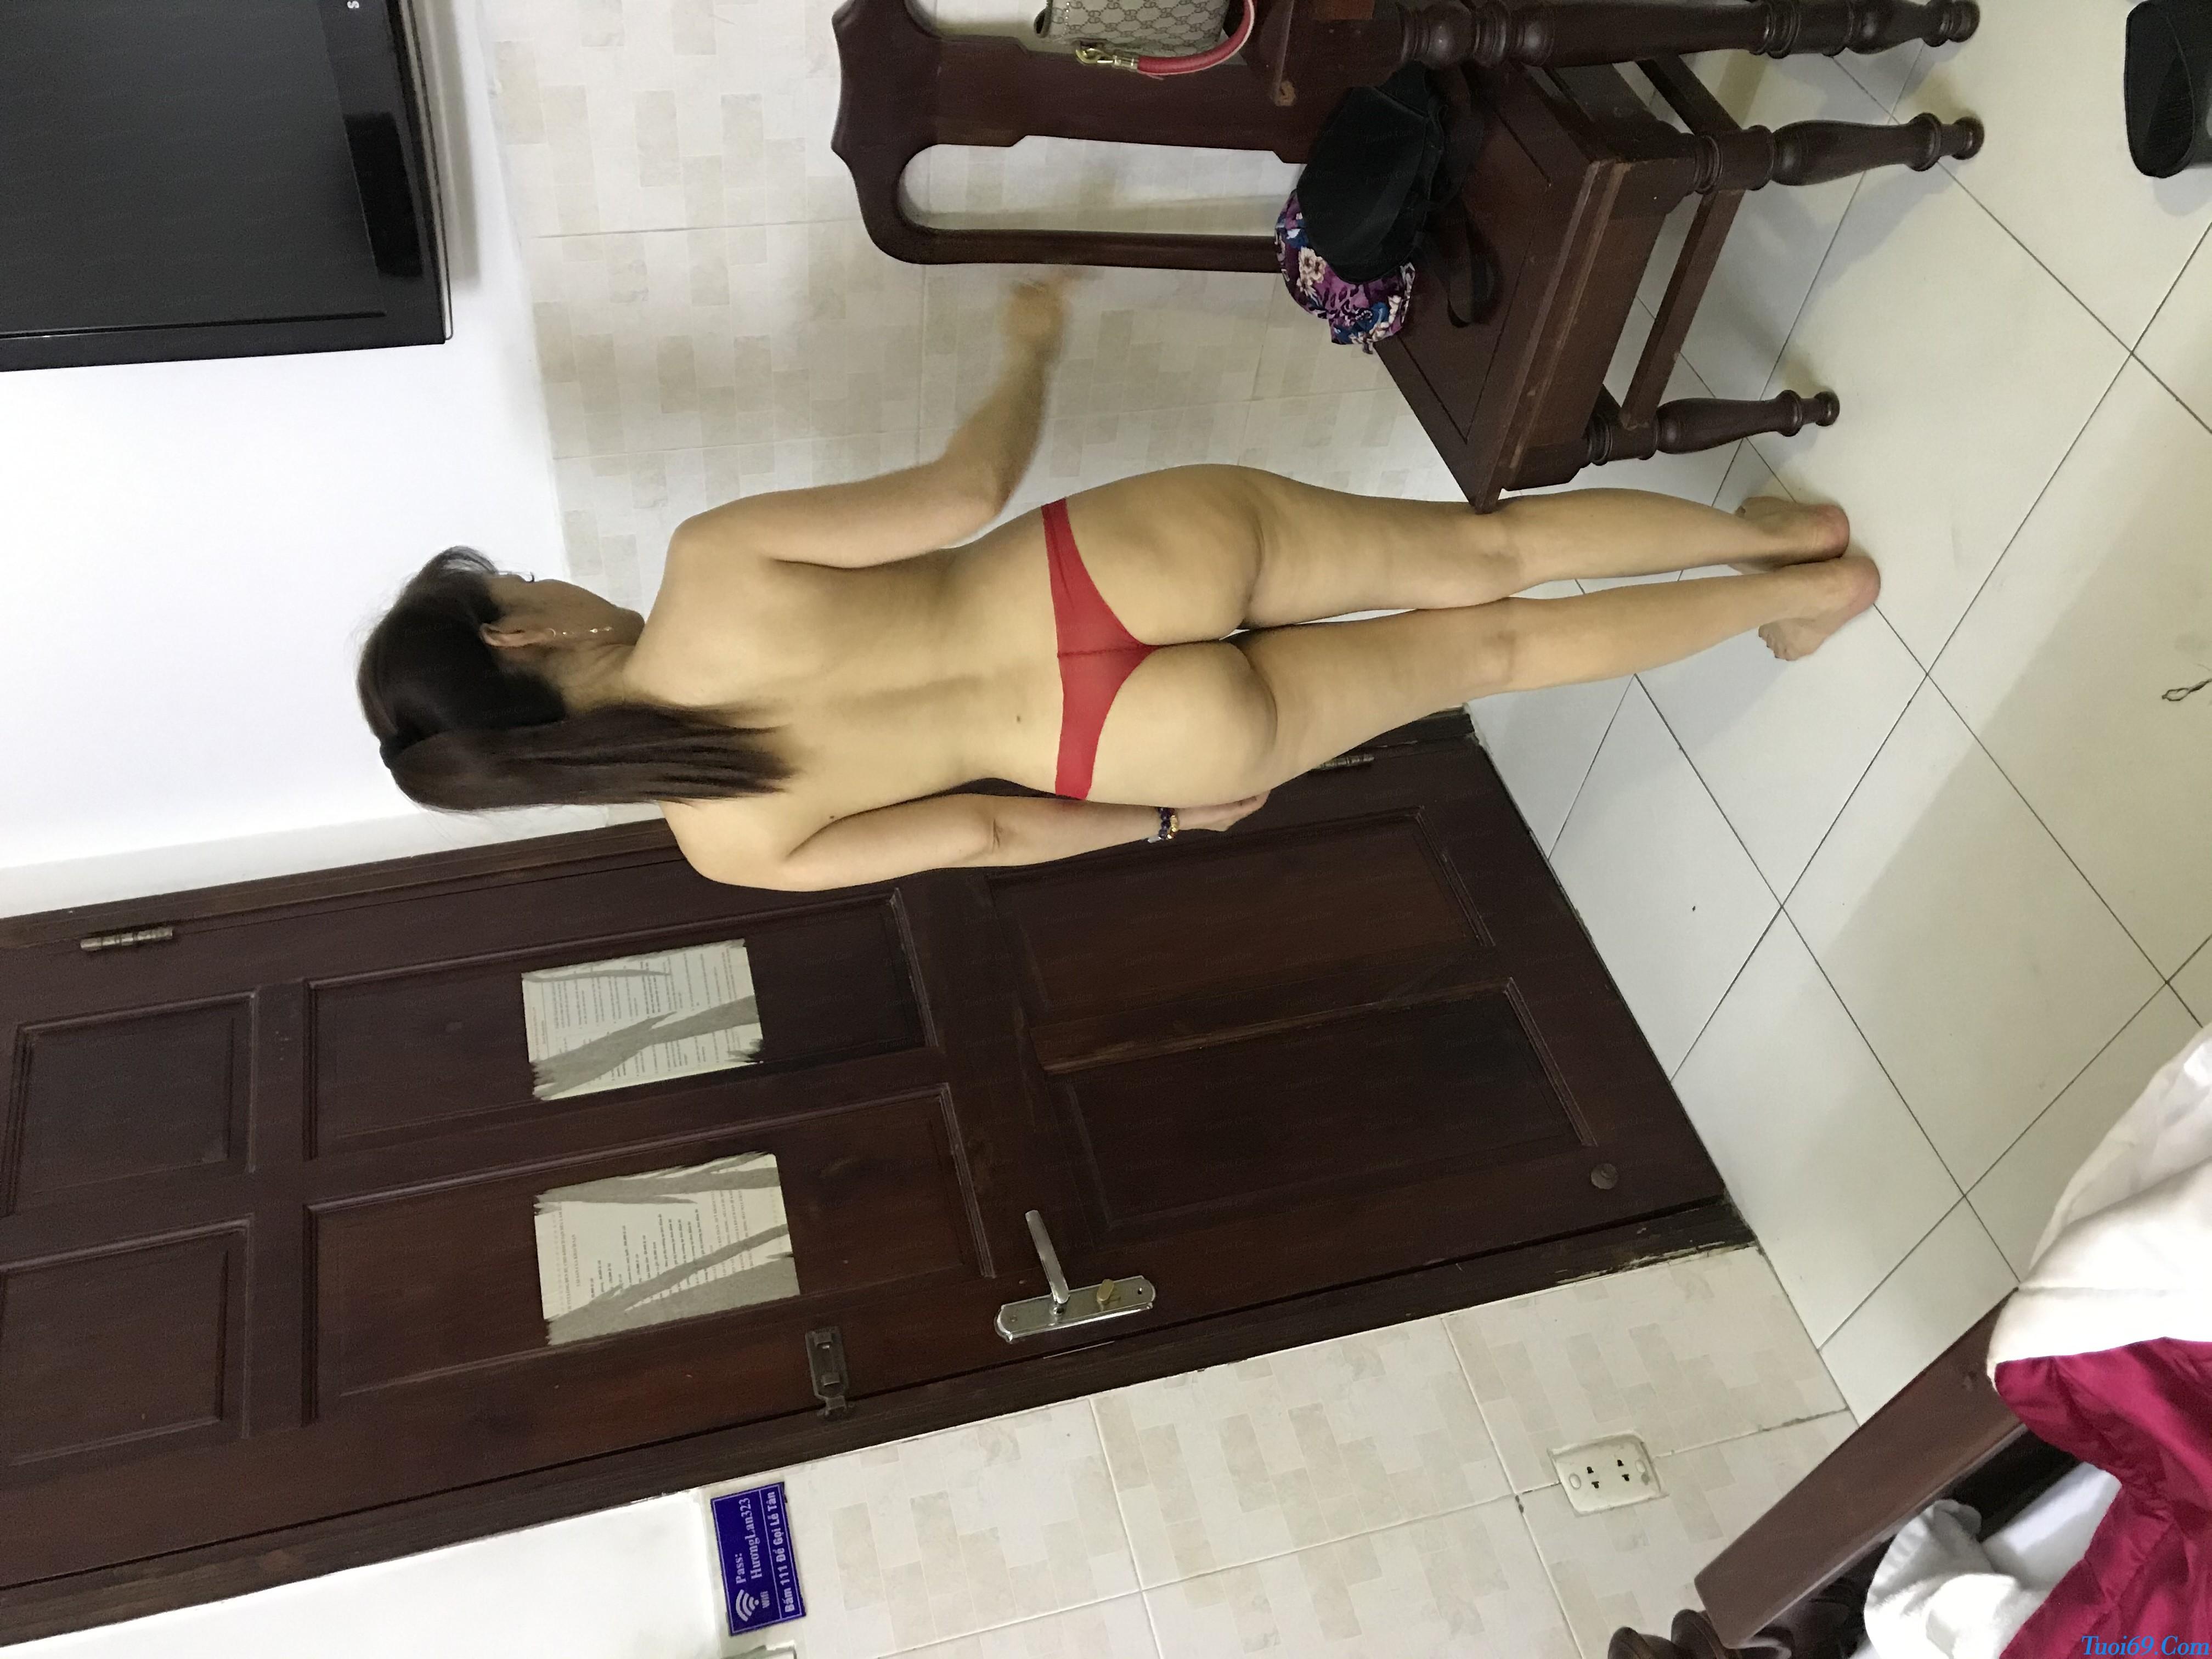 tuoi69net-review-em-gai-lan-huong-dam-nu-dang-yeu-chieu-khach-1